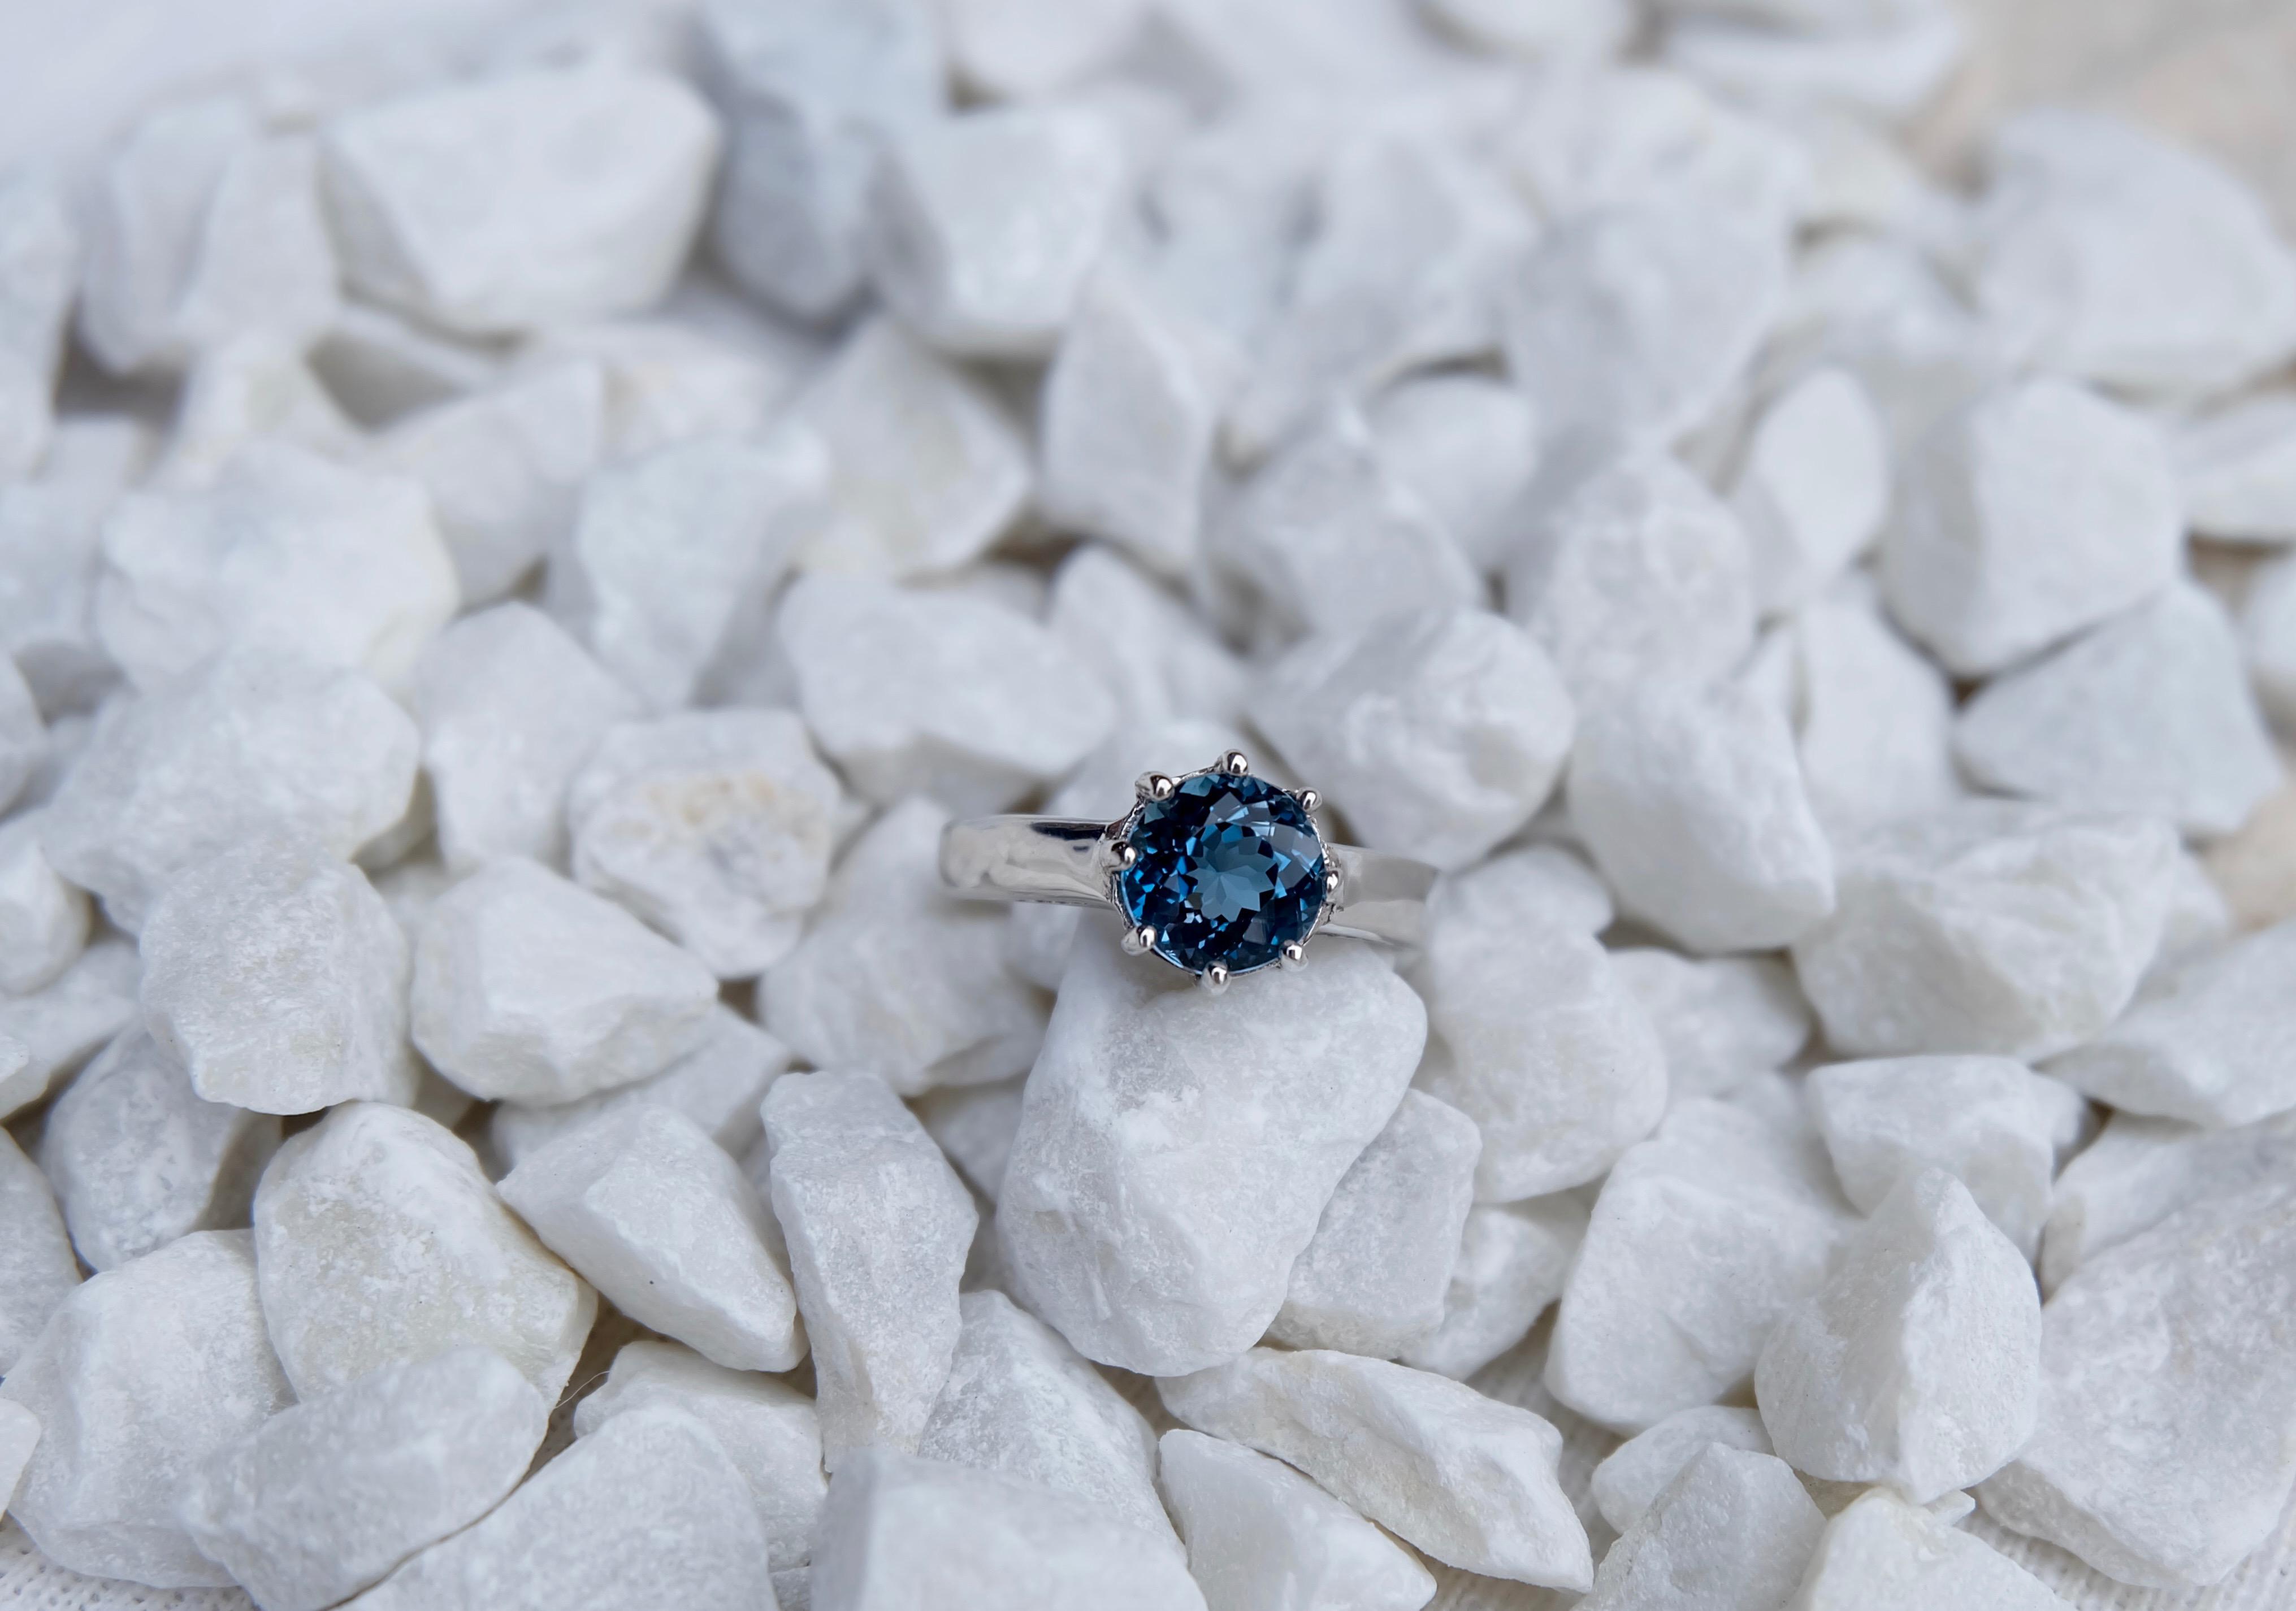 London blue topaz in Silver 92.5%